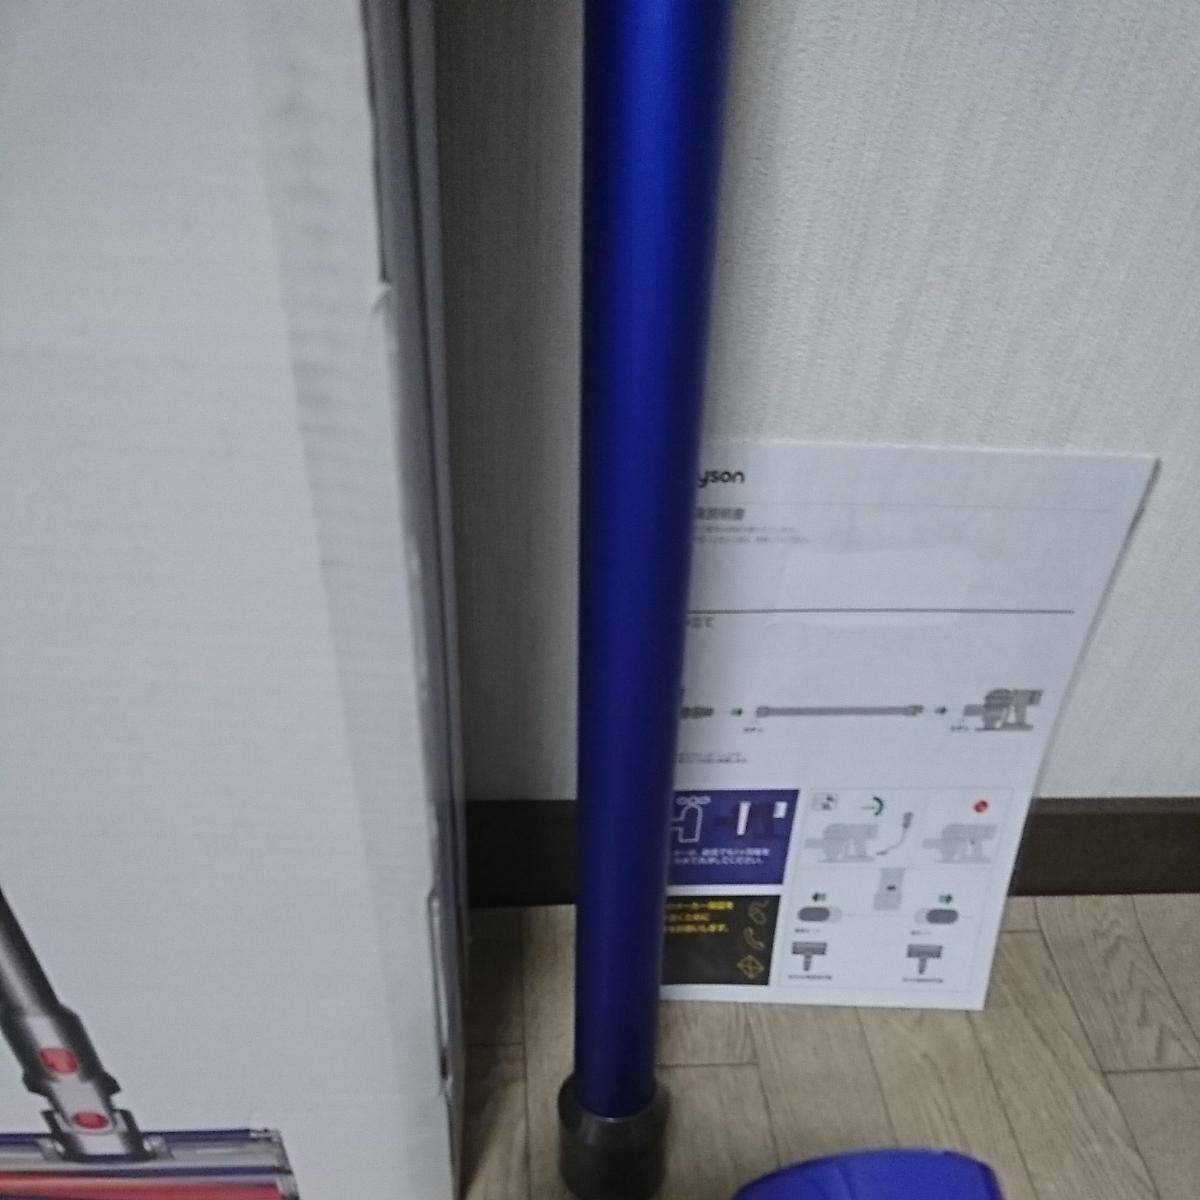 ダイソンハンディクリーナーV8fluffy+ 千葉県 検索用 DC62 V6 V7 V8 V10 スティッククリーナー 掃除機 _画像5